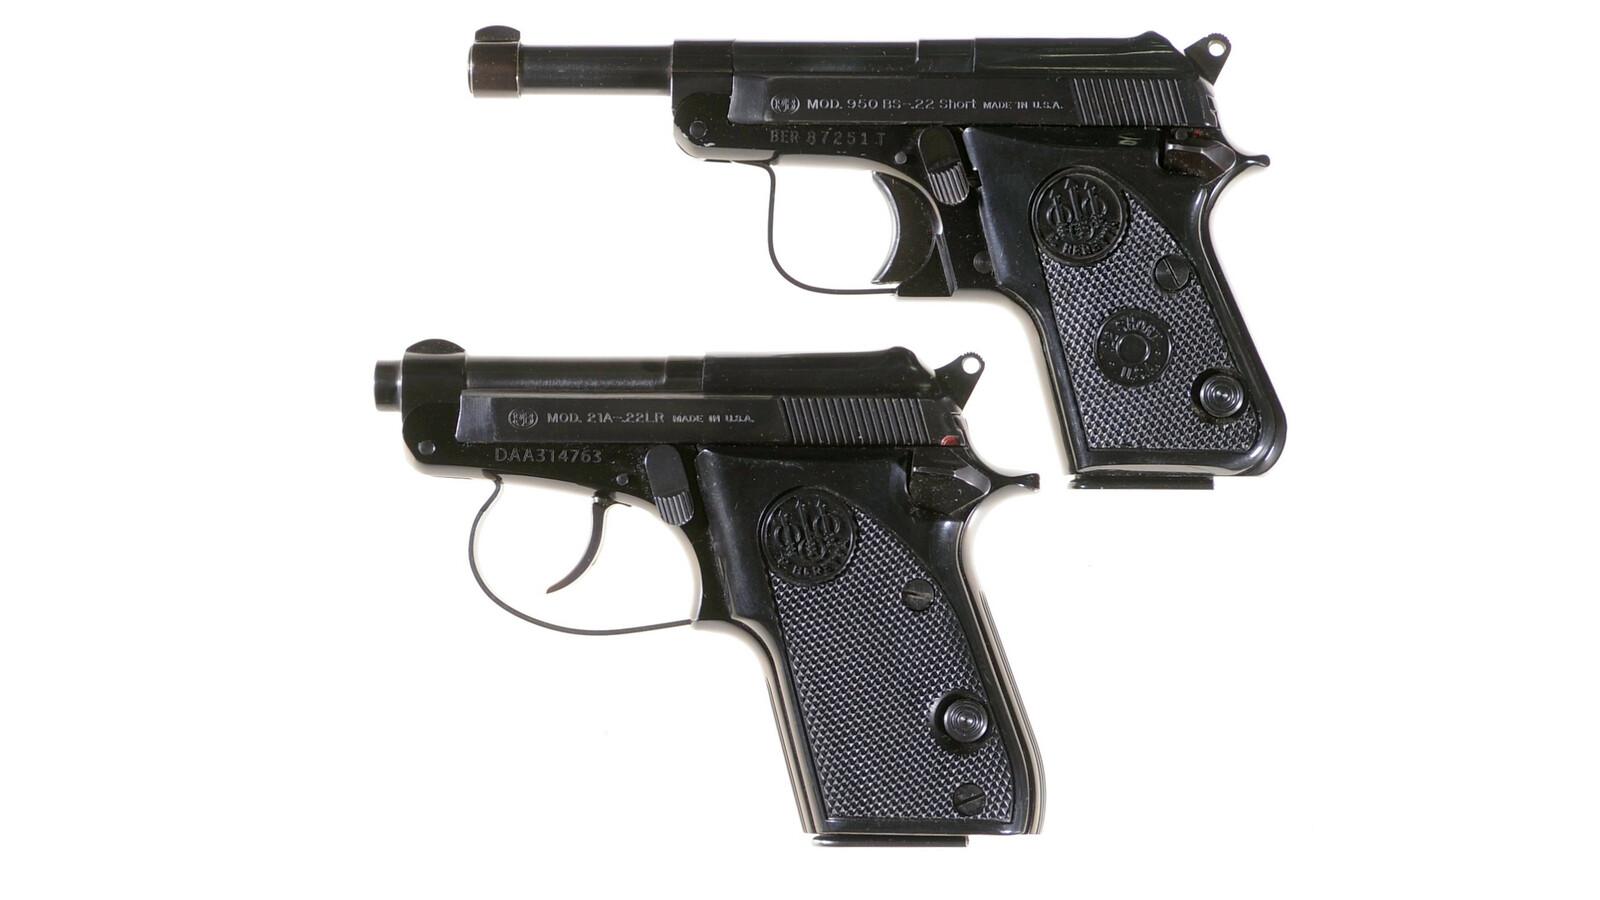 Two Beretta Semi-Automatic Pistols